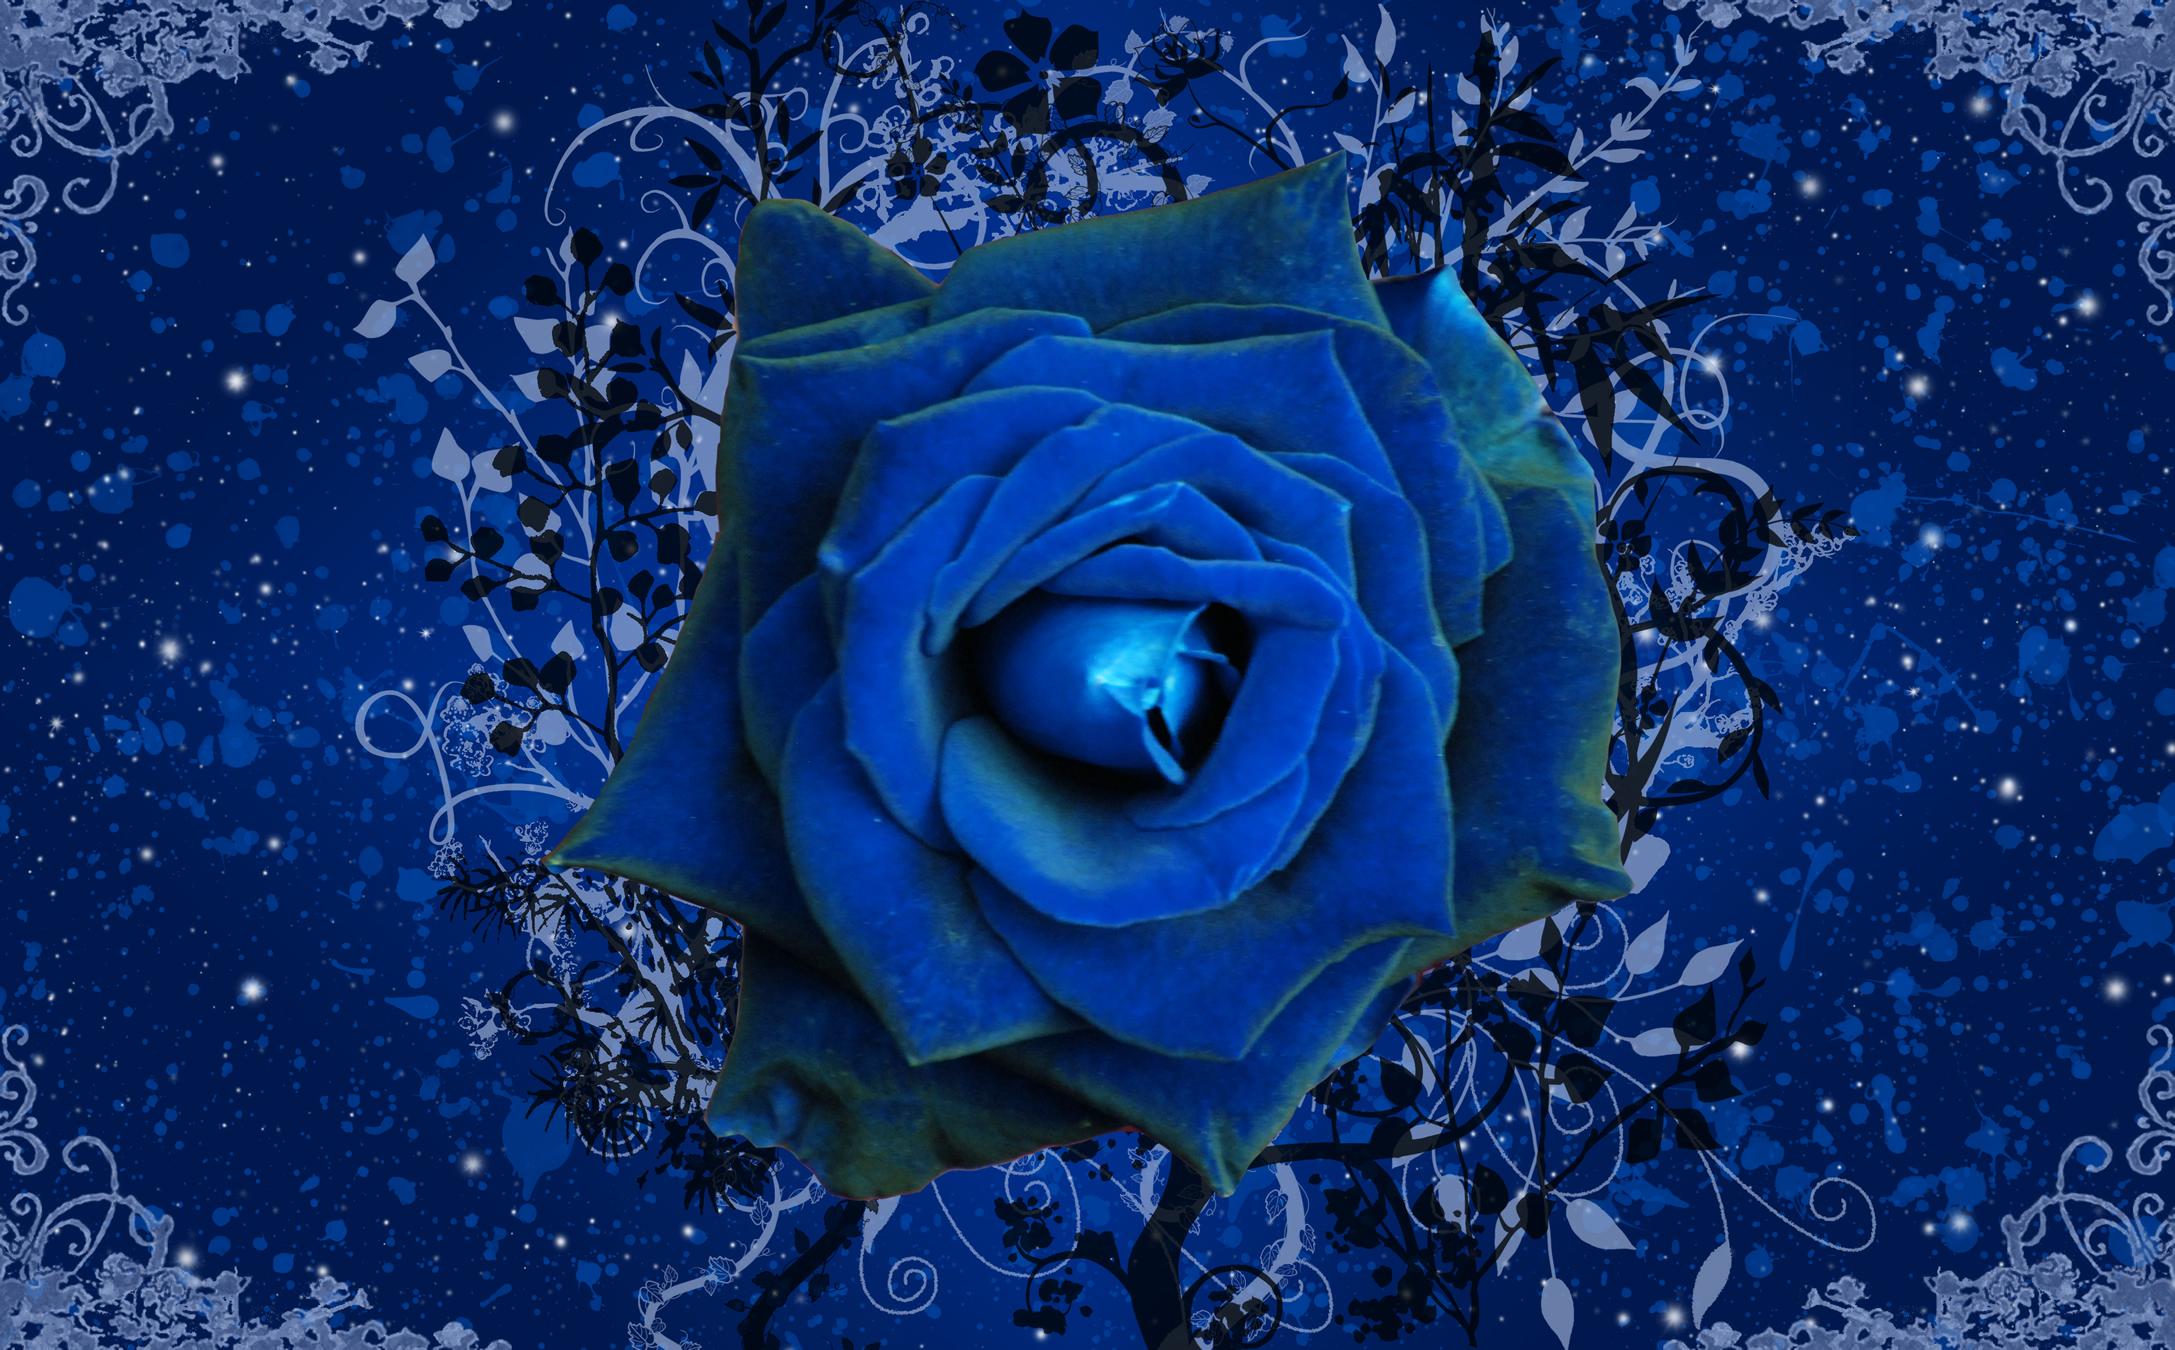 Картинки синие звезды - ac0f2